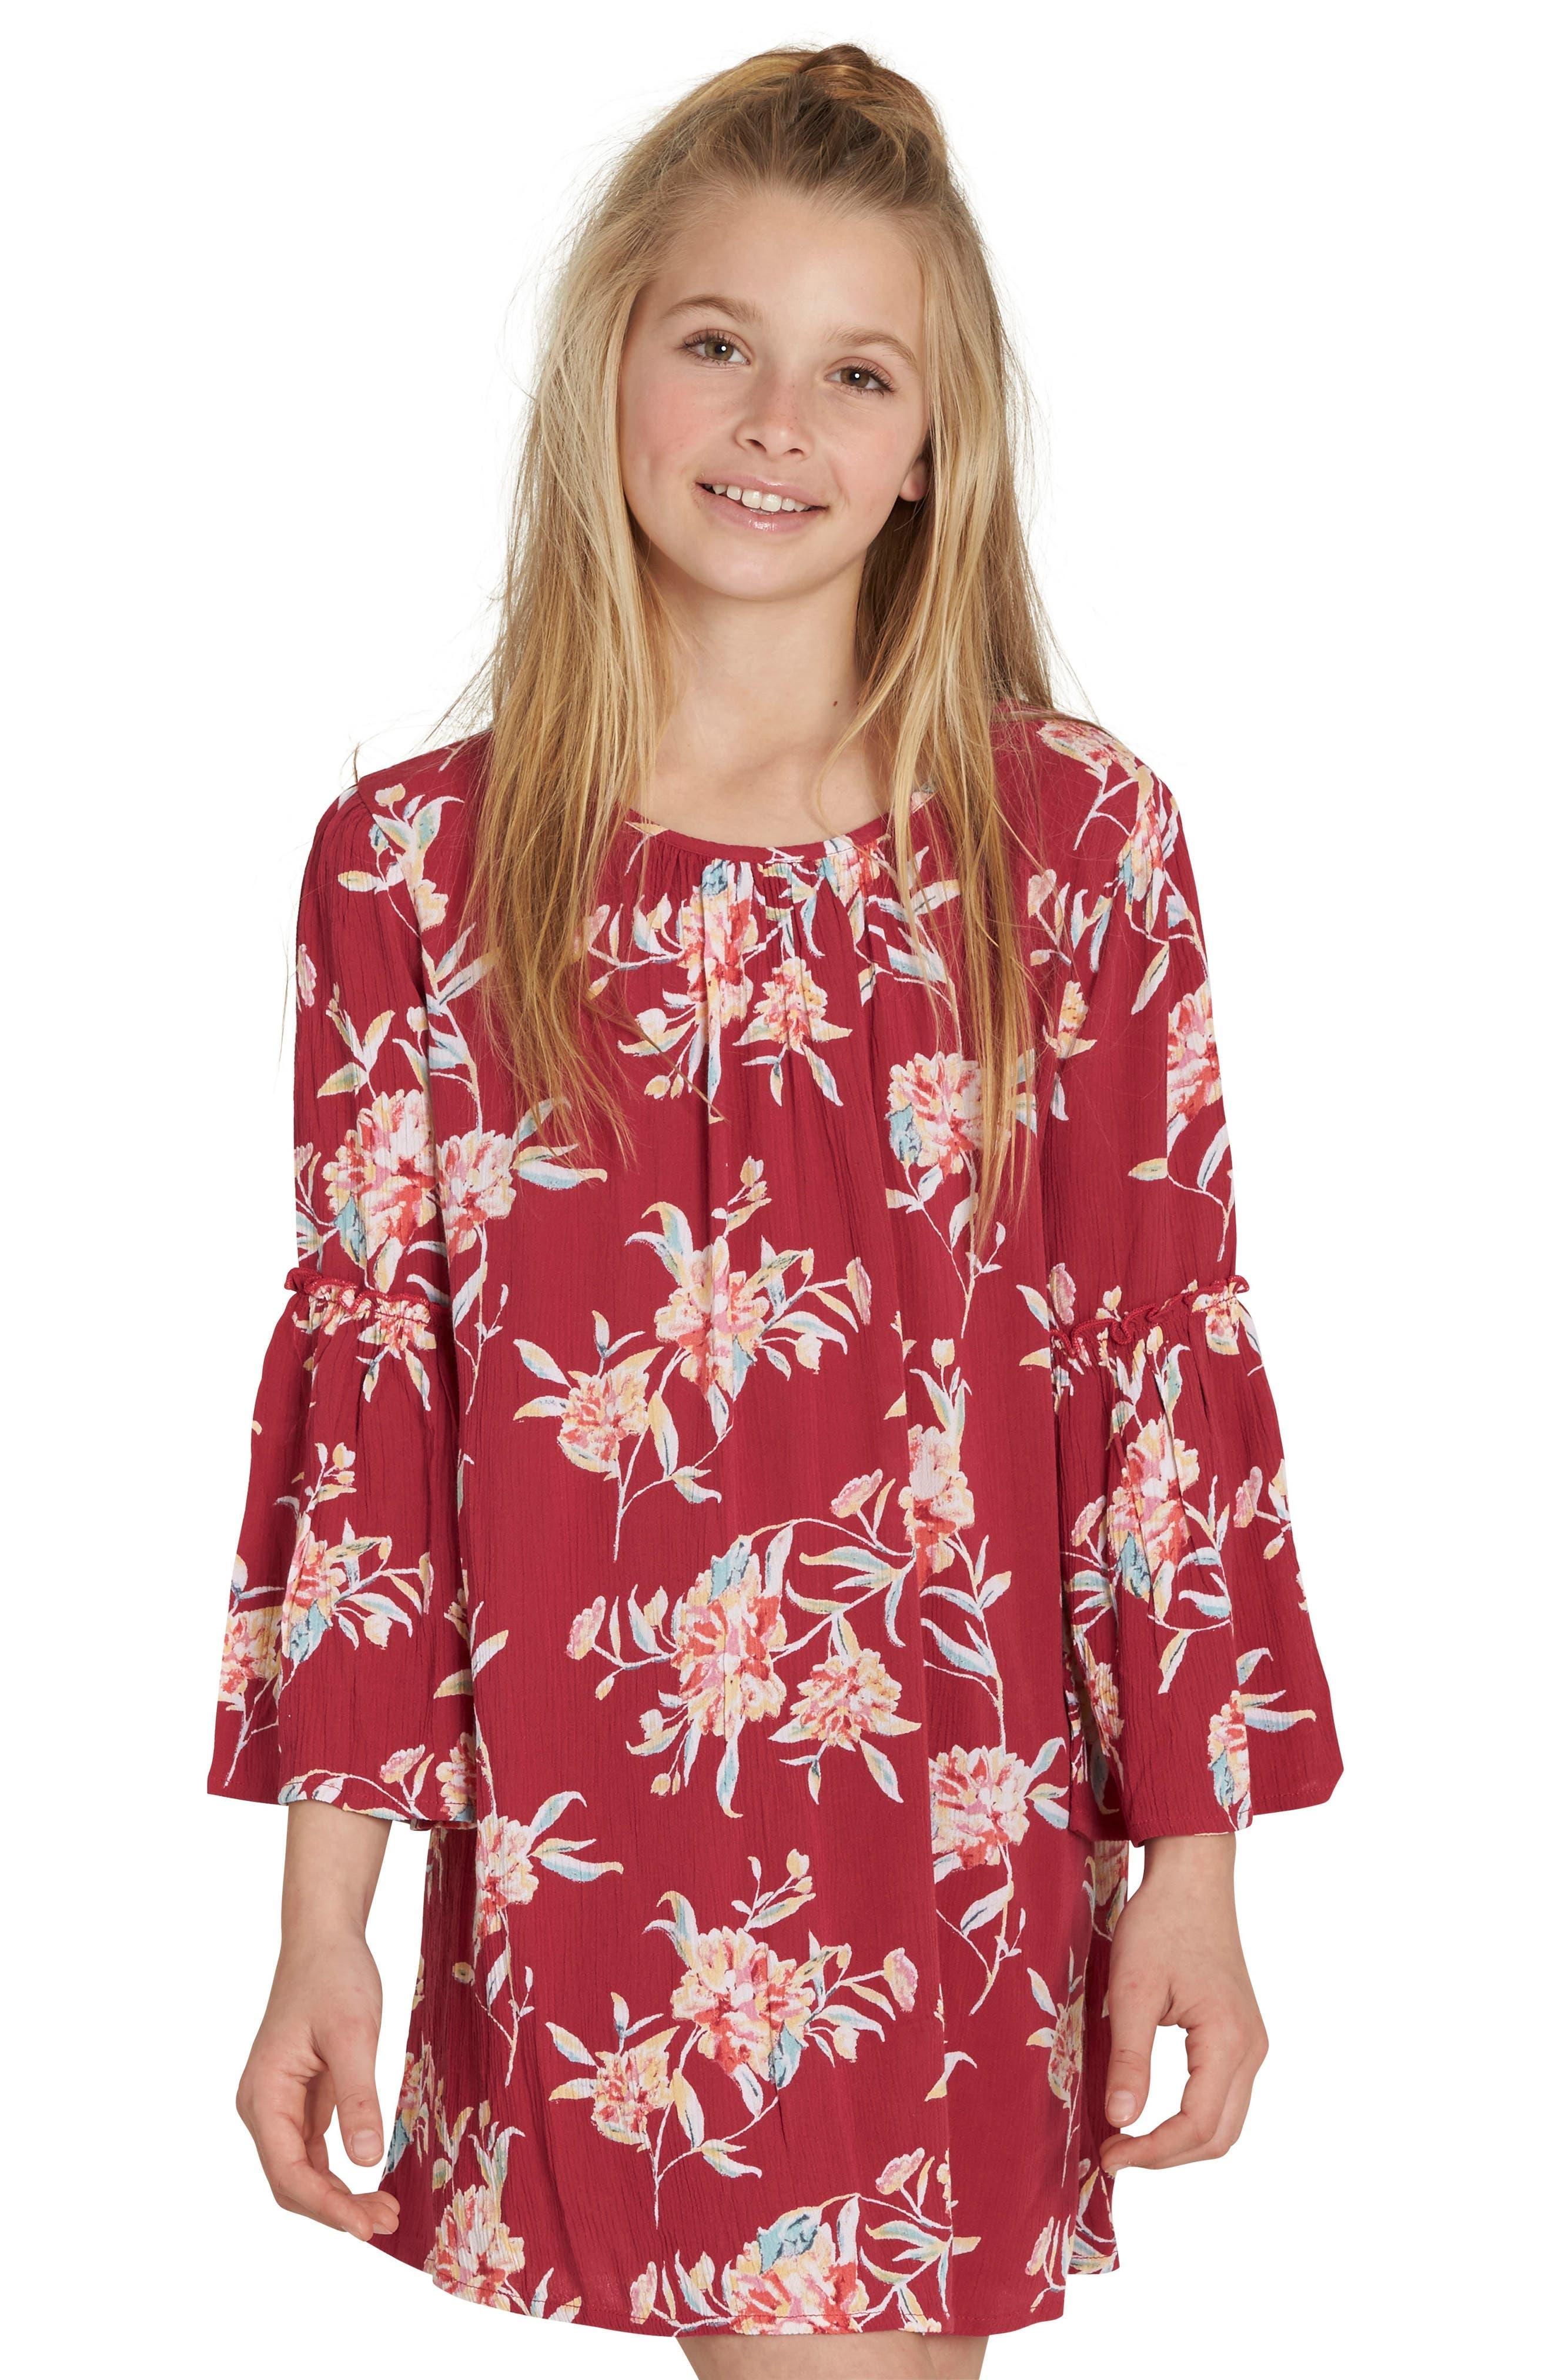 Alternate Image 1 Selected - Billabong Vacation Mode Print Dress (Little Girls & Big Girls)